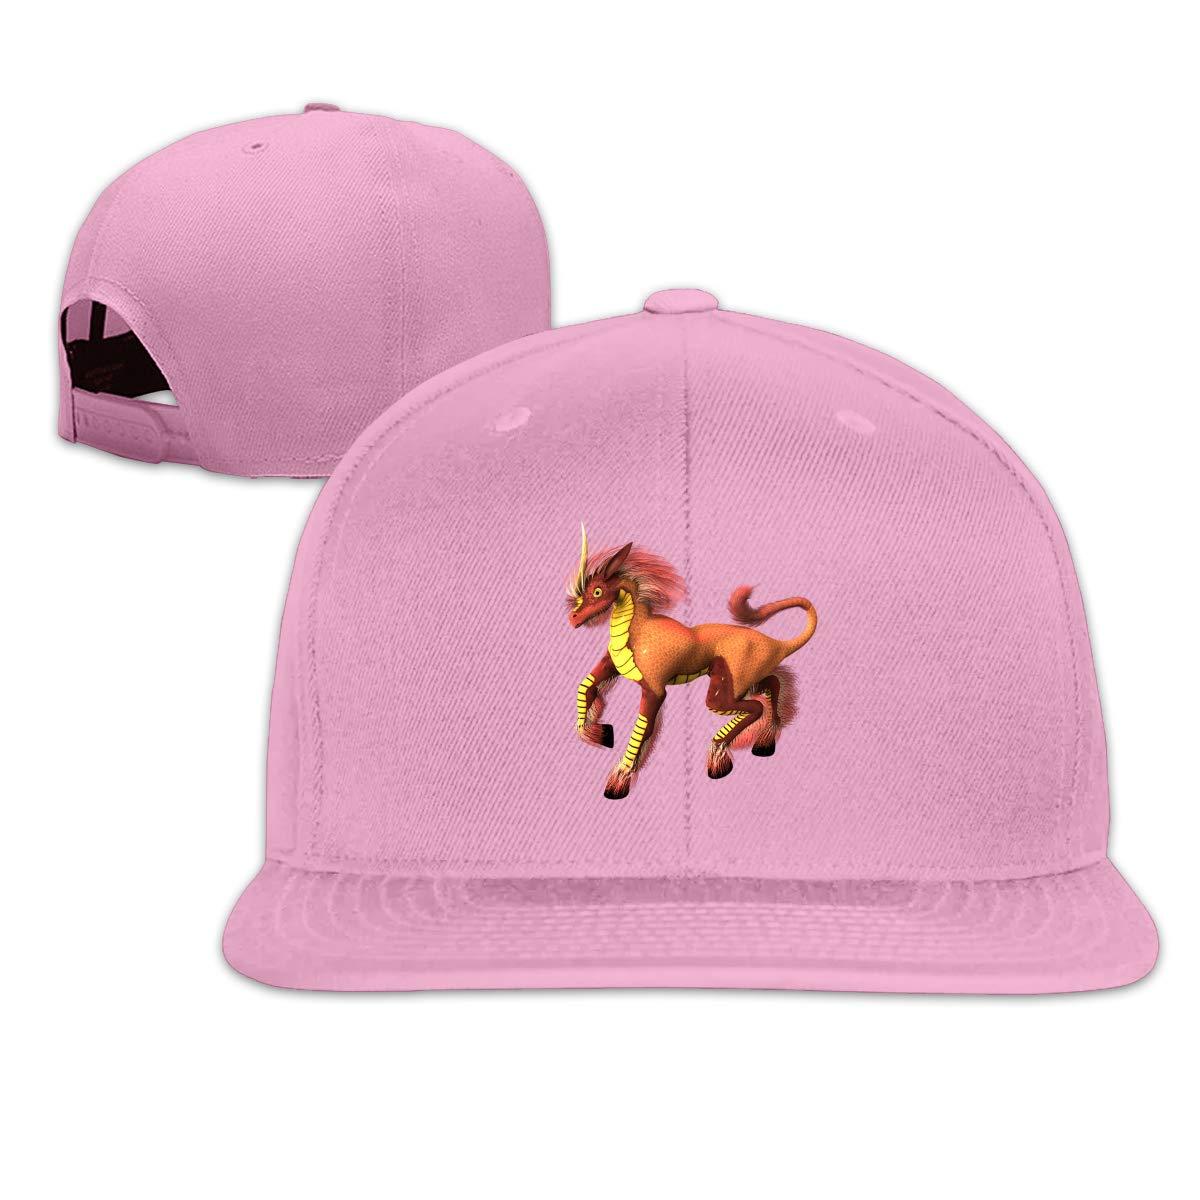 Creatures Unicorn Flat Brim Baseball Cap Adjustable Snapback Trucker Hat Caps Hip Hop Hat